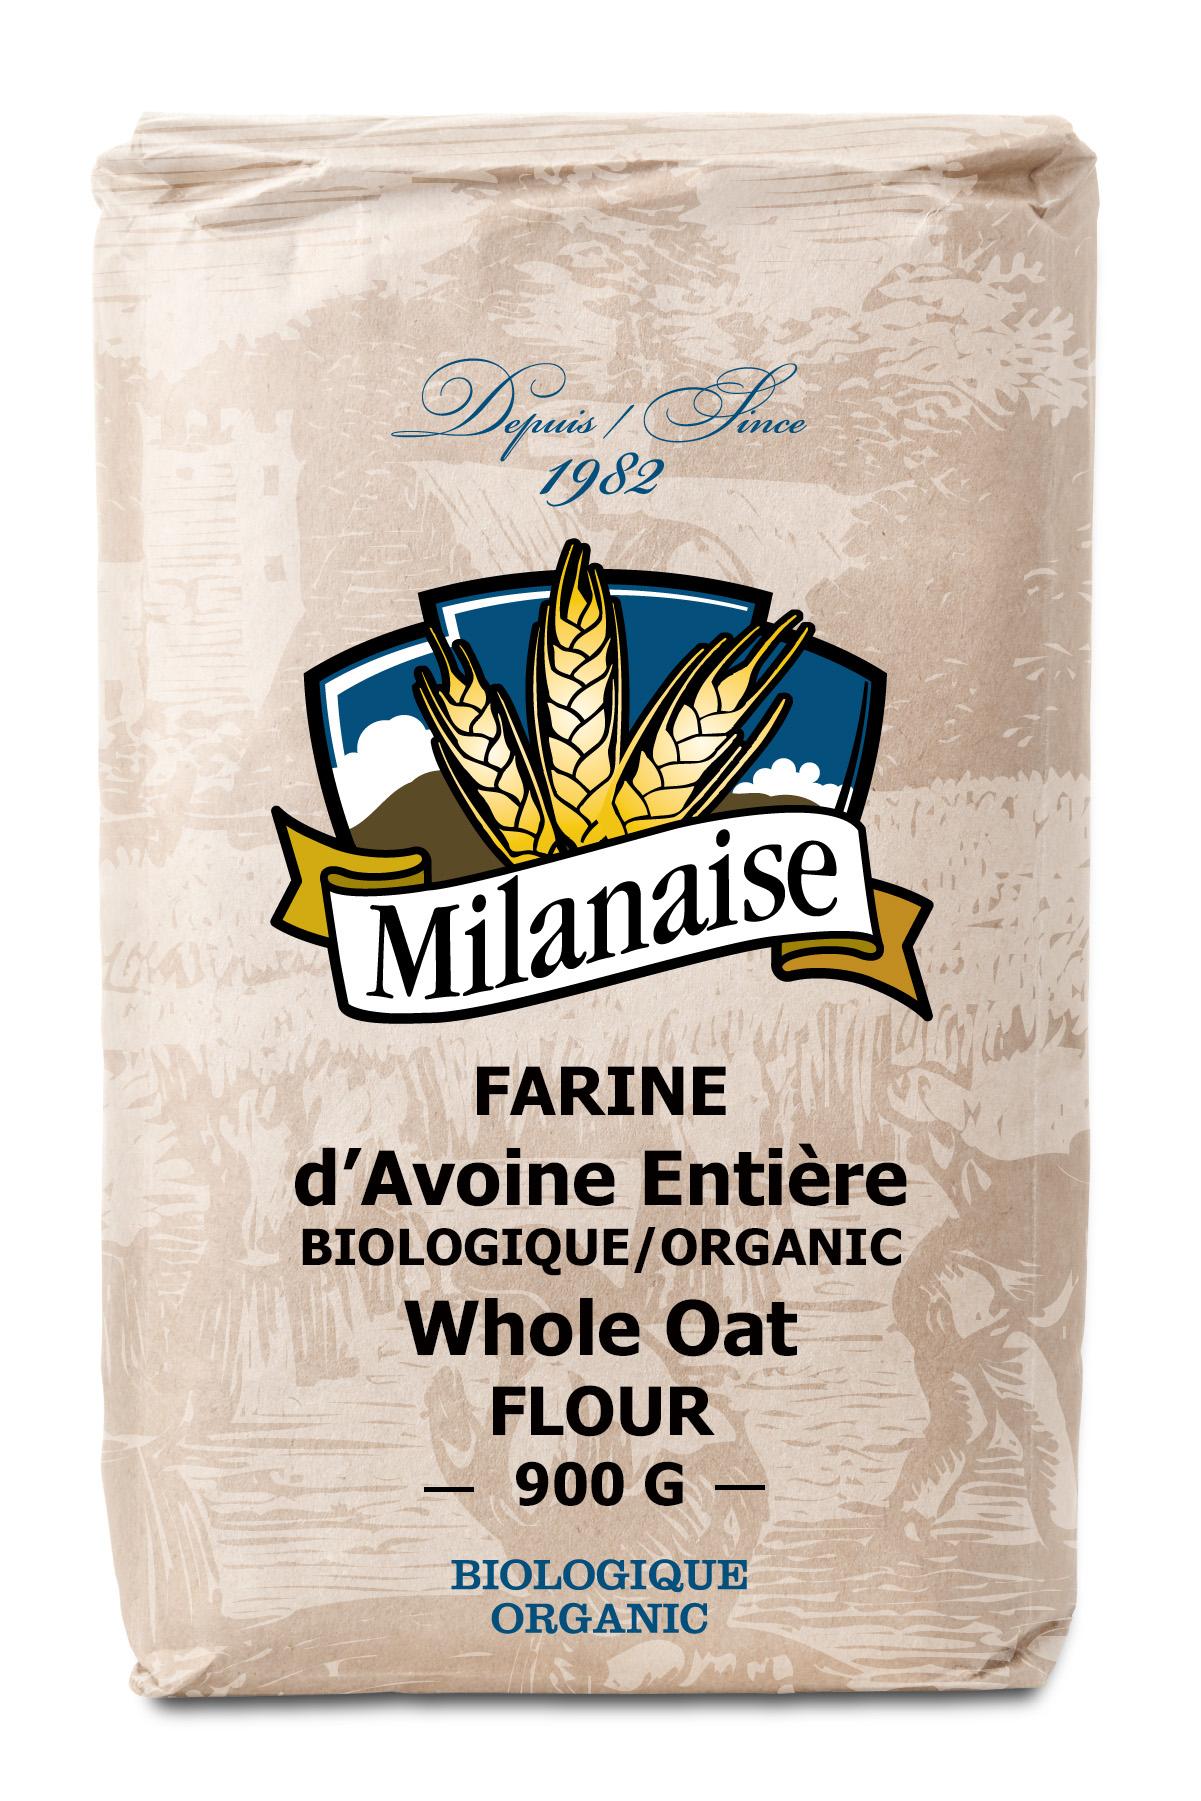 Farine avoine 900 g